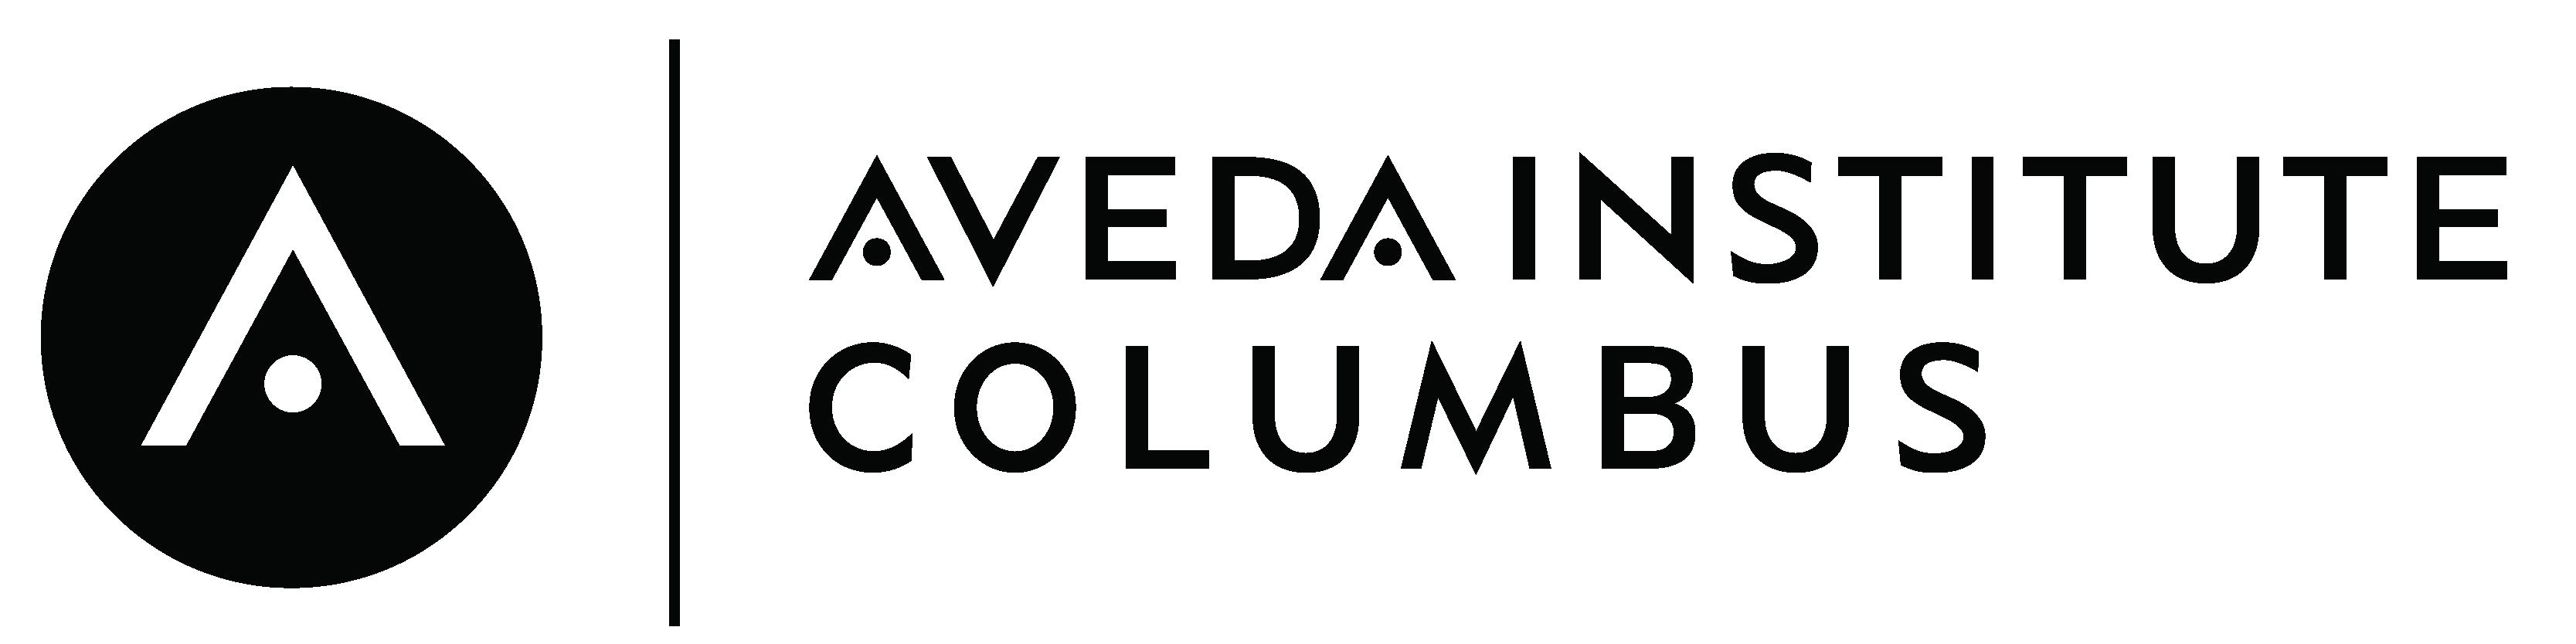 Aveda Institute Columbus